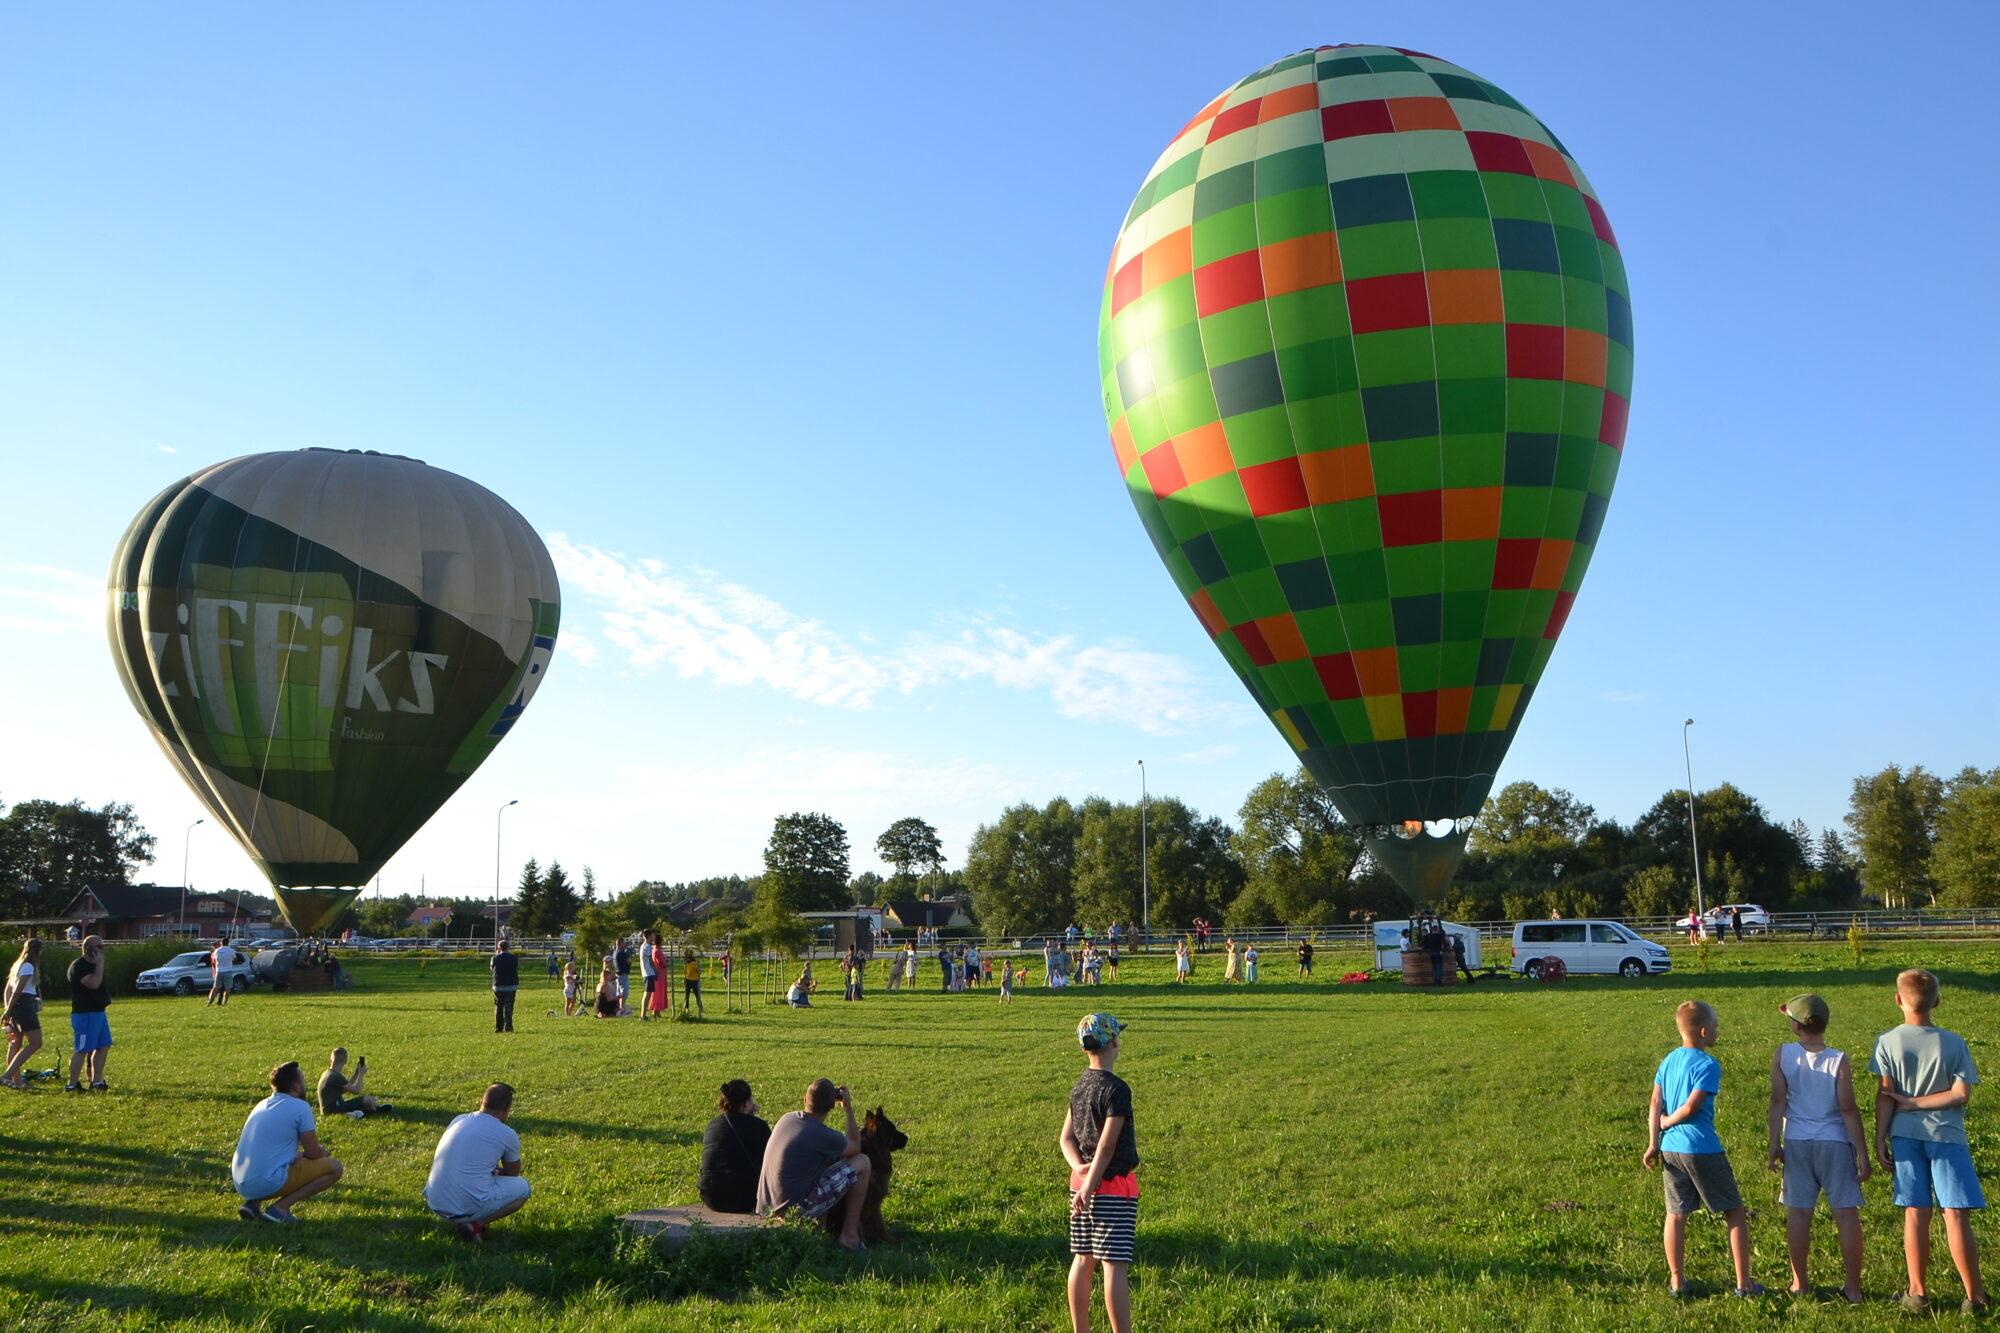 Grobiņniekus priecē motofestivāls un gaisa balonu šovs